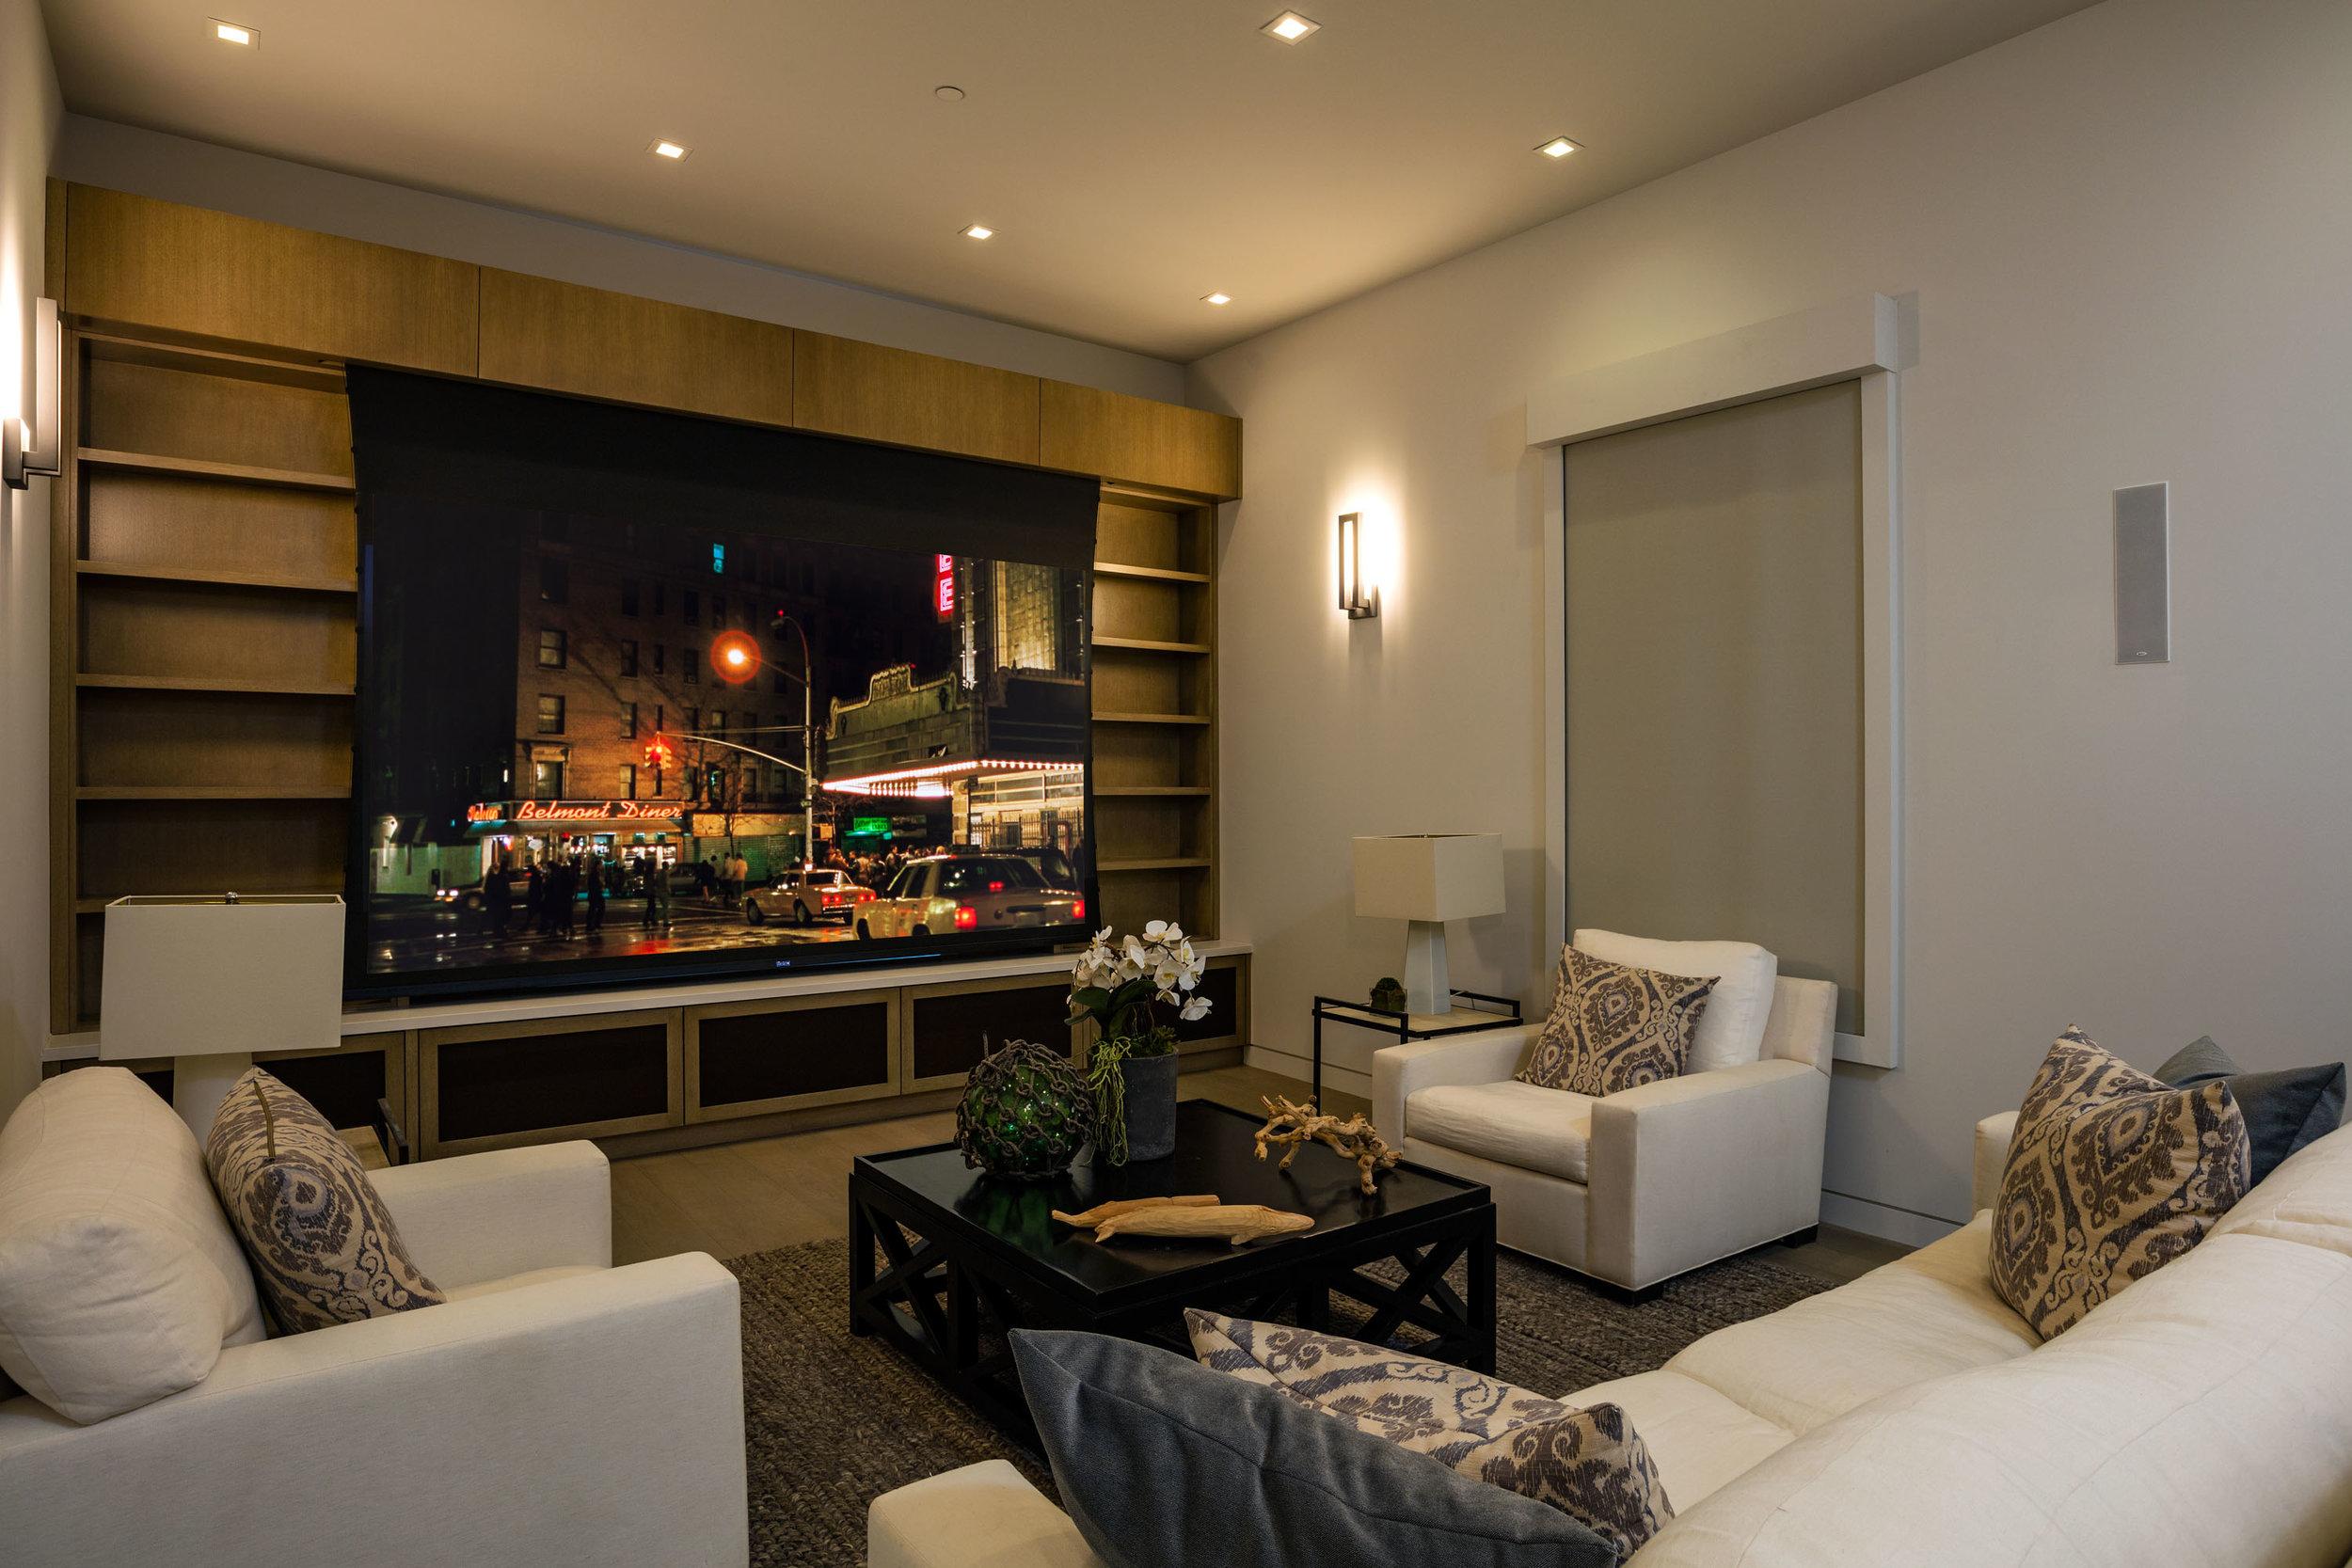 019 media room 11902 Ellice Street Malibu For Sale The Malibu Life Team Luxury Real Estate.jpg